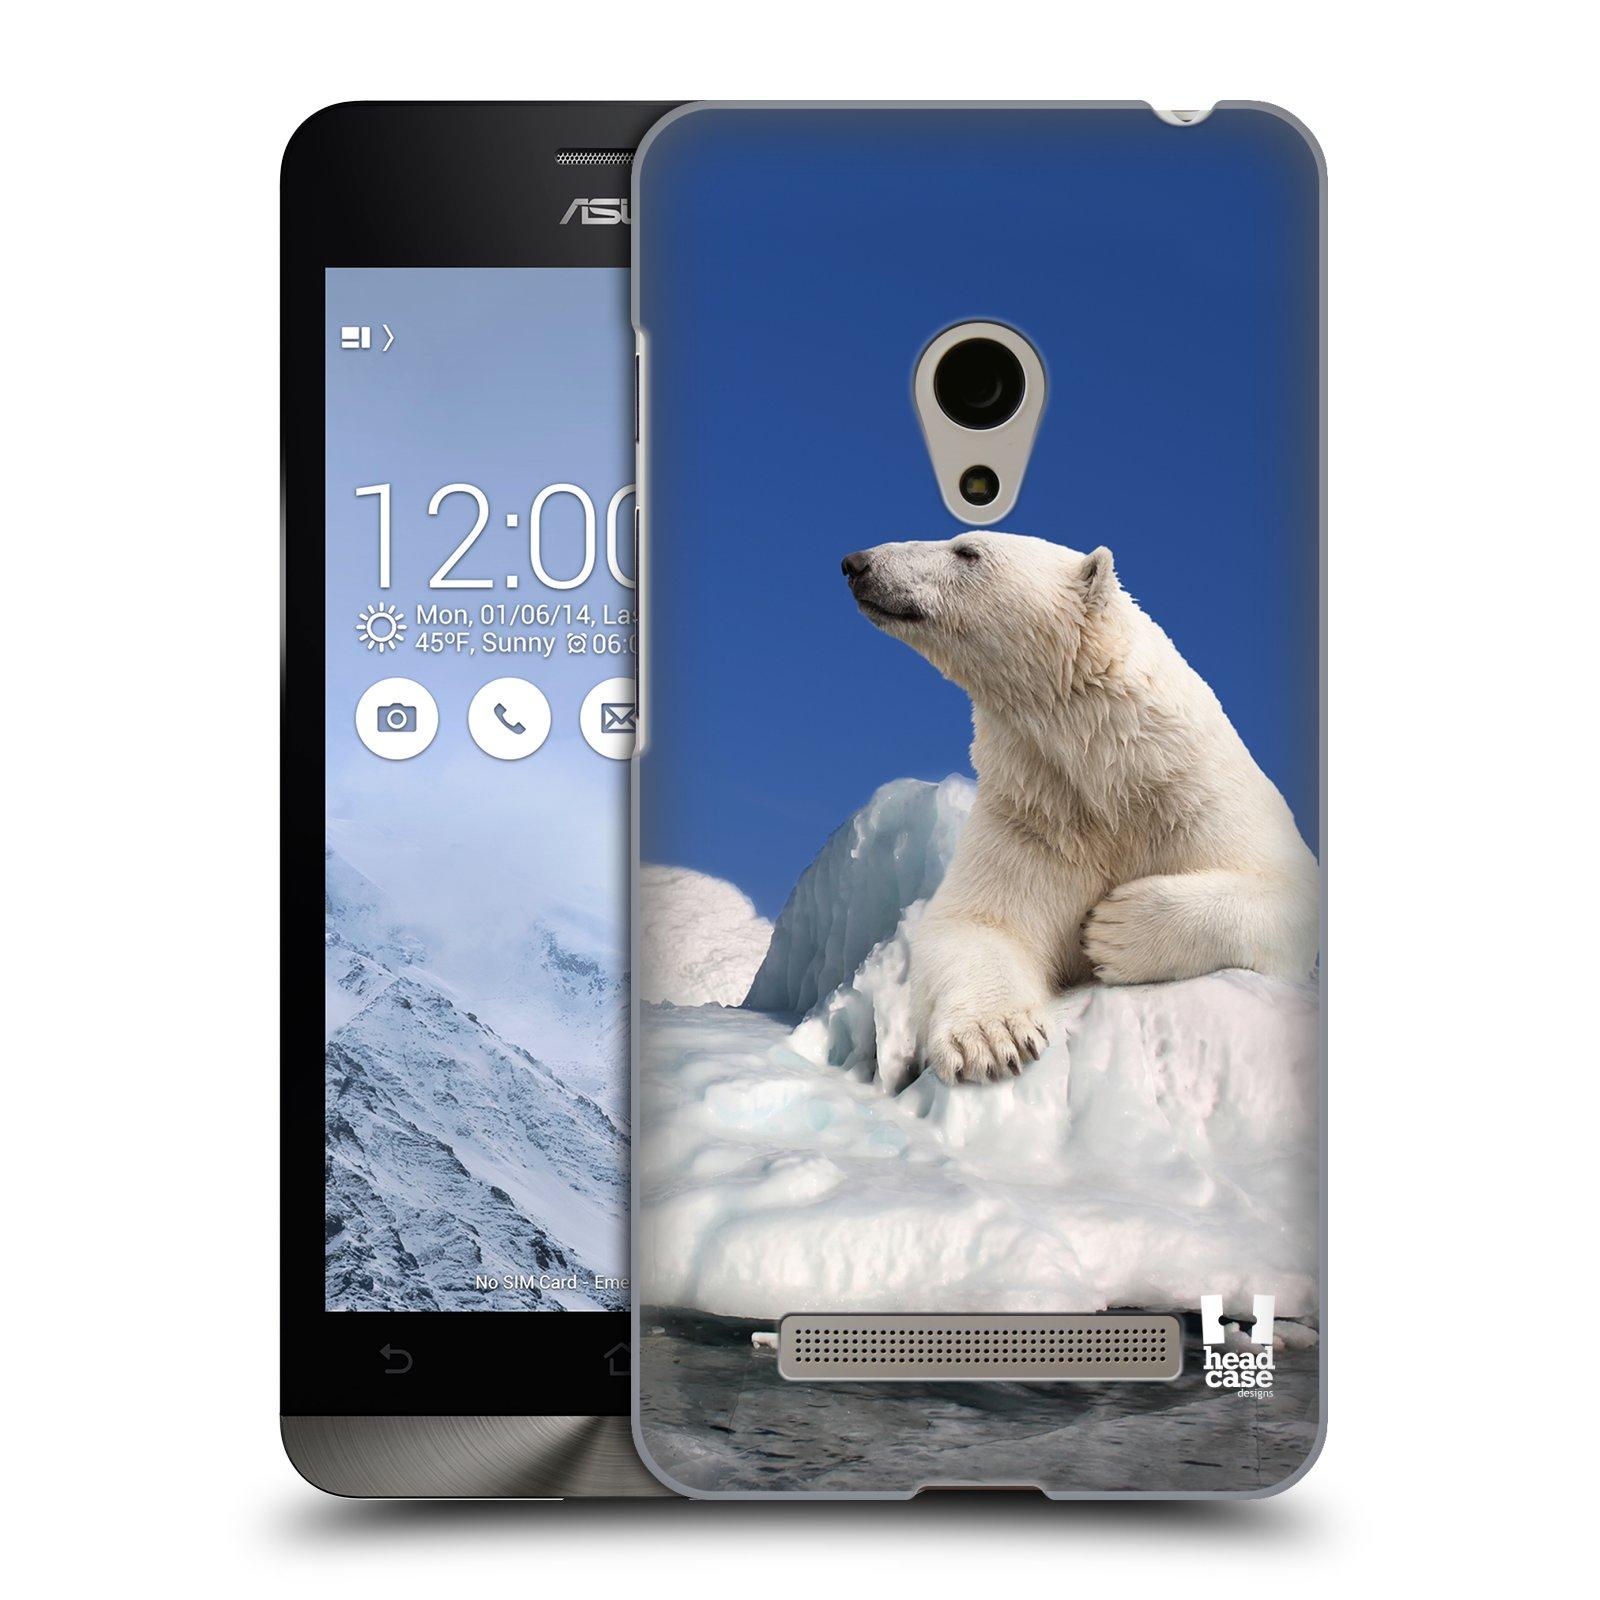 HEAD CASE plastový obal na mobil Asus Zenfone 5 vzor Divočina, Divoký život a zvířata foto LEDNÍ MEDVĚD NA LEDOVCI A NEBE MODRÁ